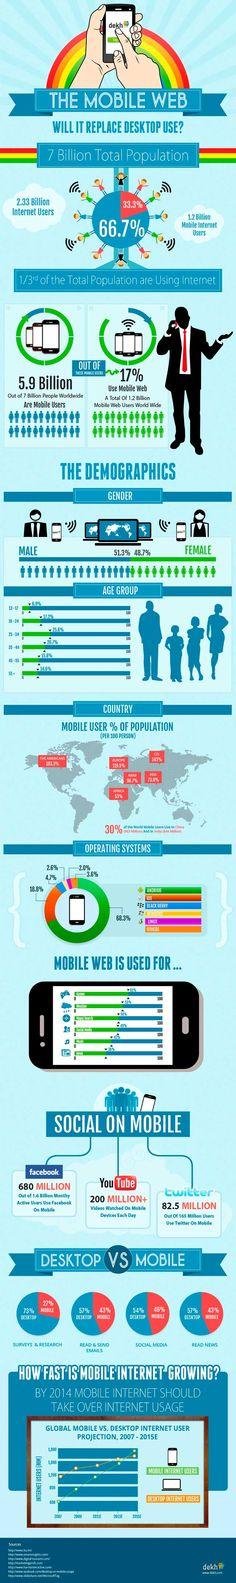 http://theclusteragency.com/marketing-online/el-futuro-sera-movil-la-conectividad-aumenta-infografia